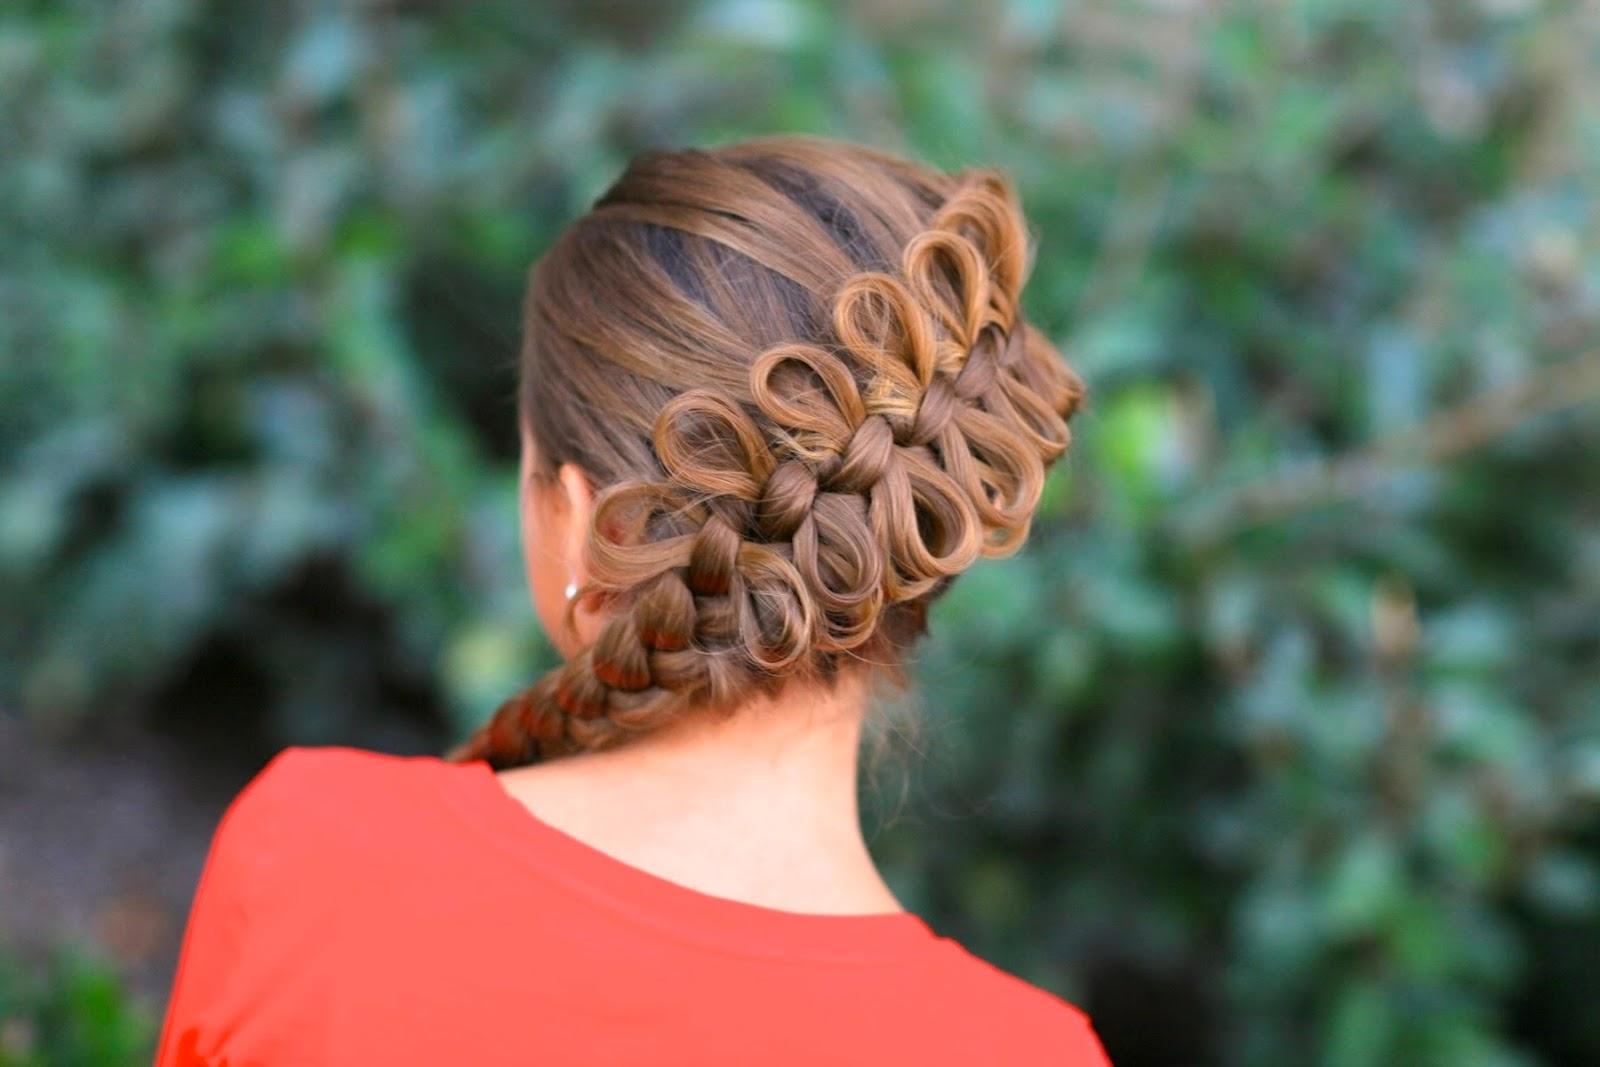 Cute Hairstyle Designs Cute Short Hair Ideas Hairstyles Cute - Hairstyle designs ladies